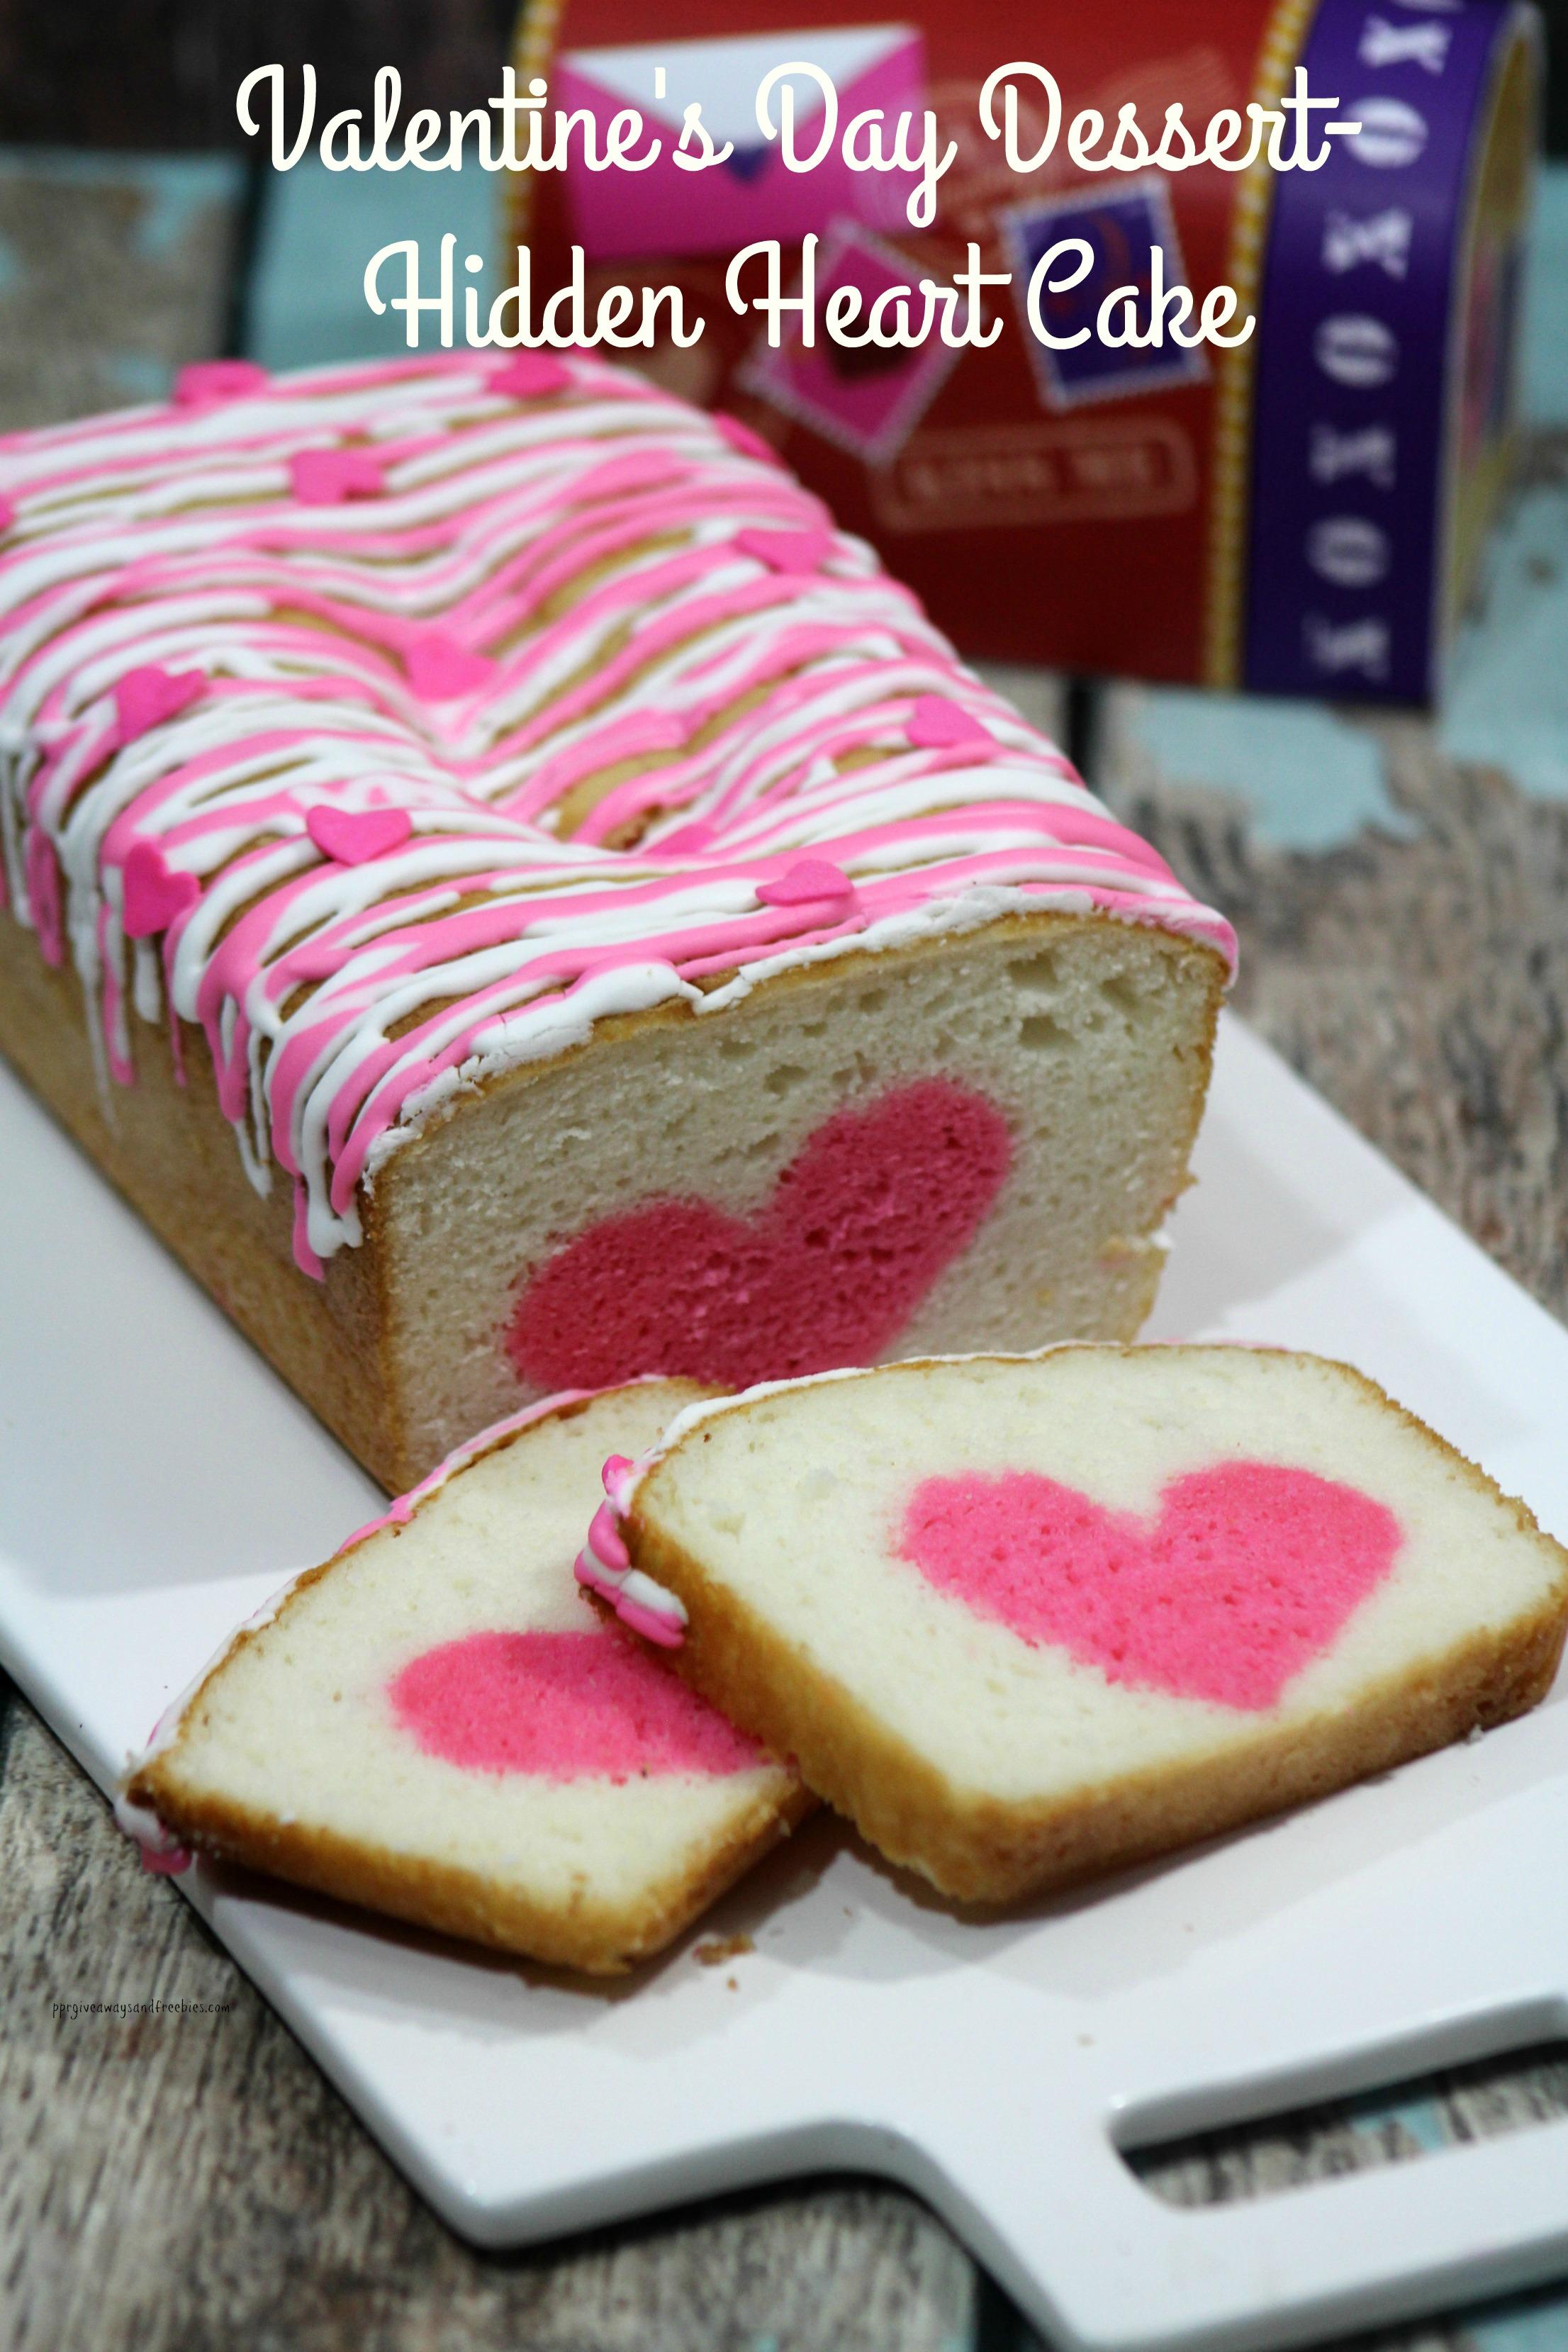 Valentine's Day Dessert-Hidden Heart Cake